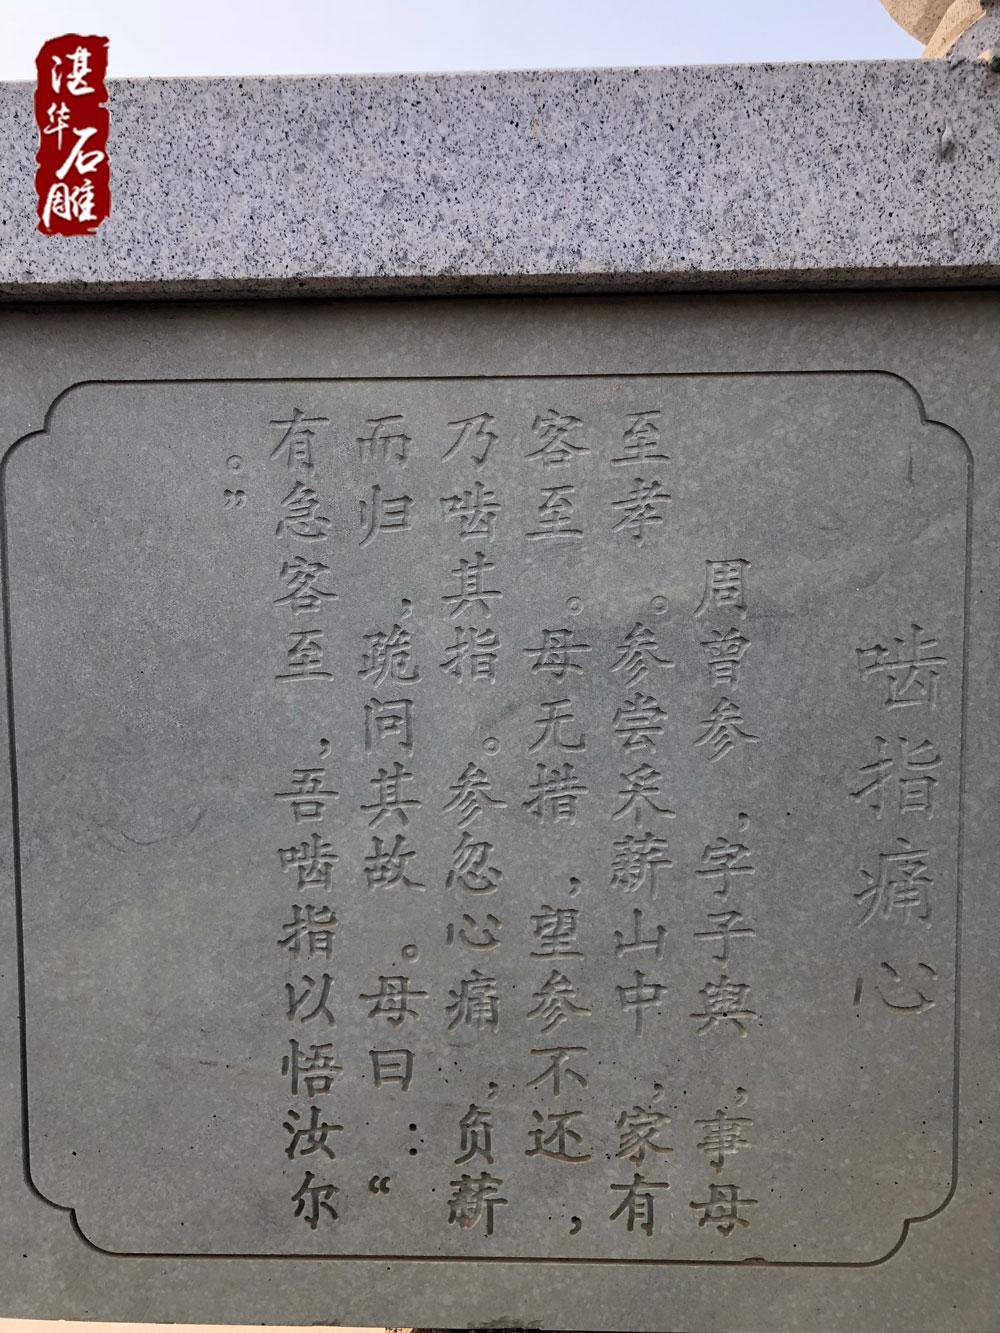 shidiaoqiao1.jpg